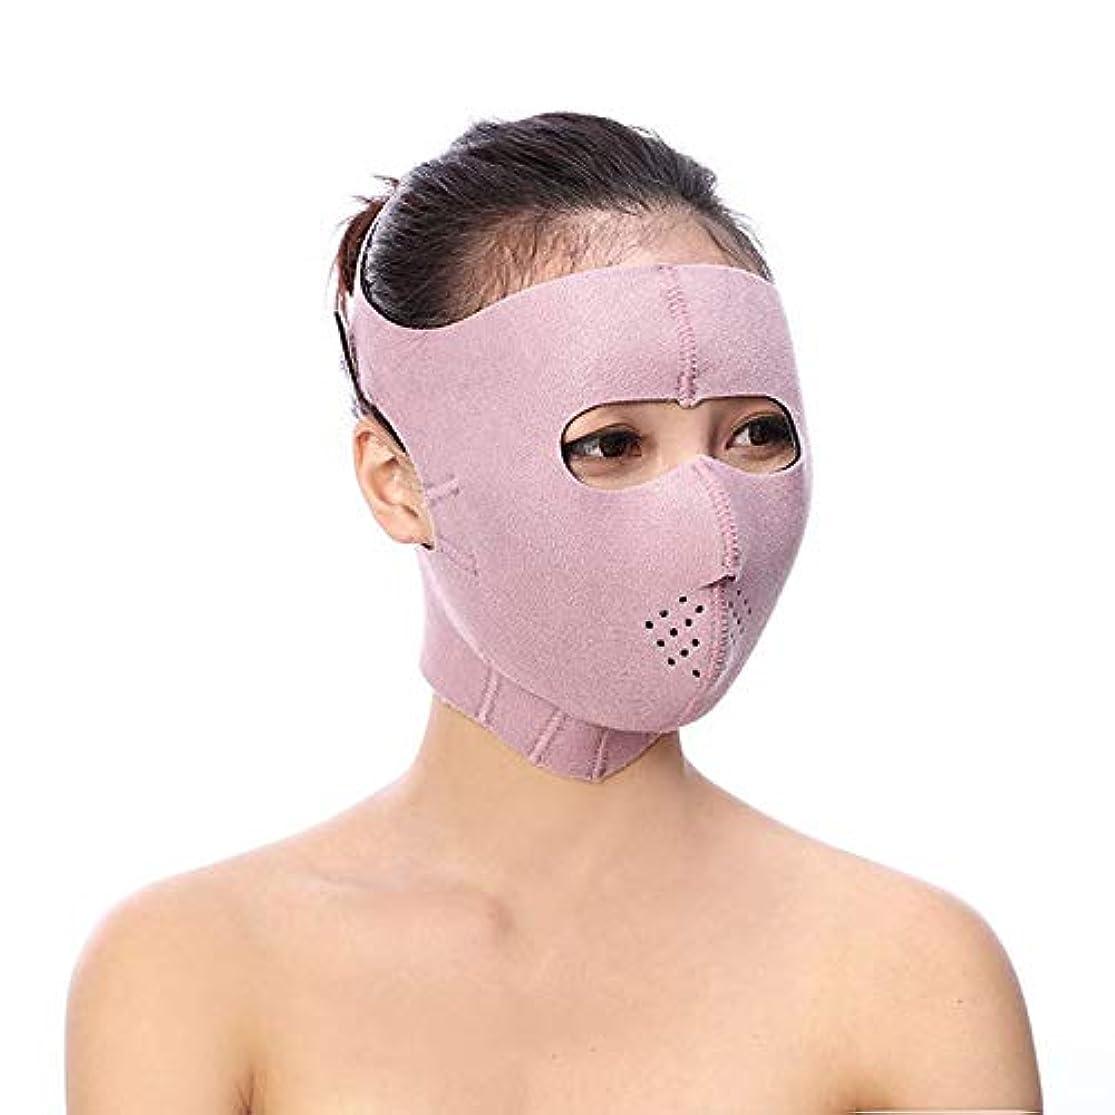 ドール聴覚暖炉フェイシャルリフティング痩身ベルト - Vフェイス包帯マスクフェイシャルマッサージャー無料の薄いフェイス包帯整形マスクを引き締める顔と首の顔スリム